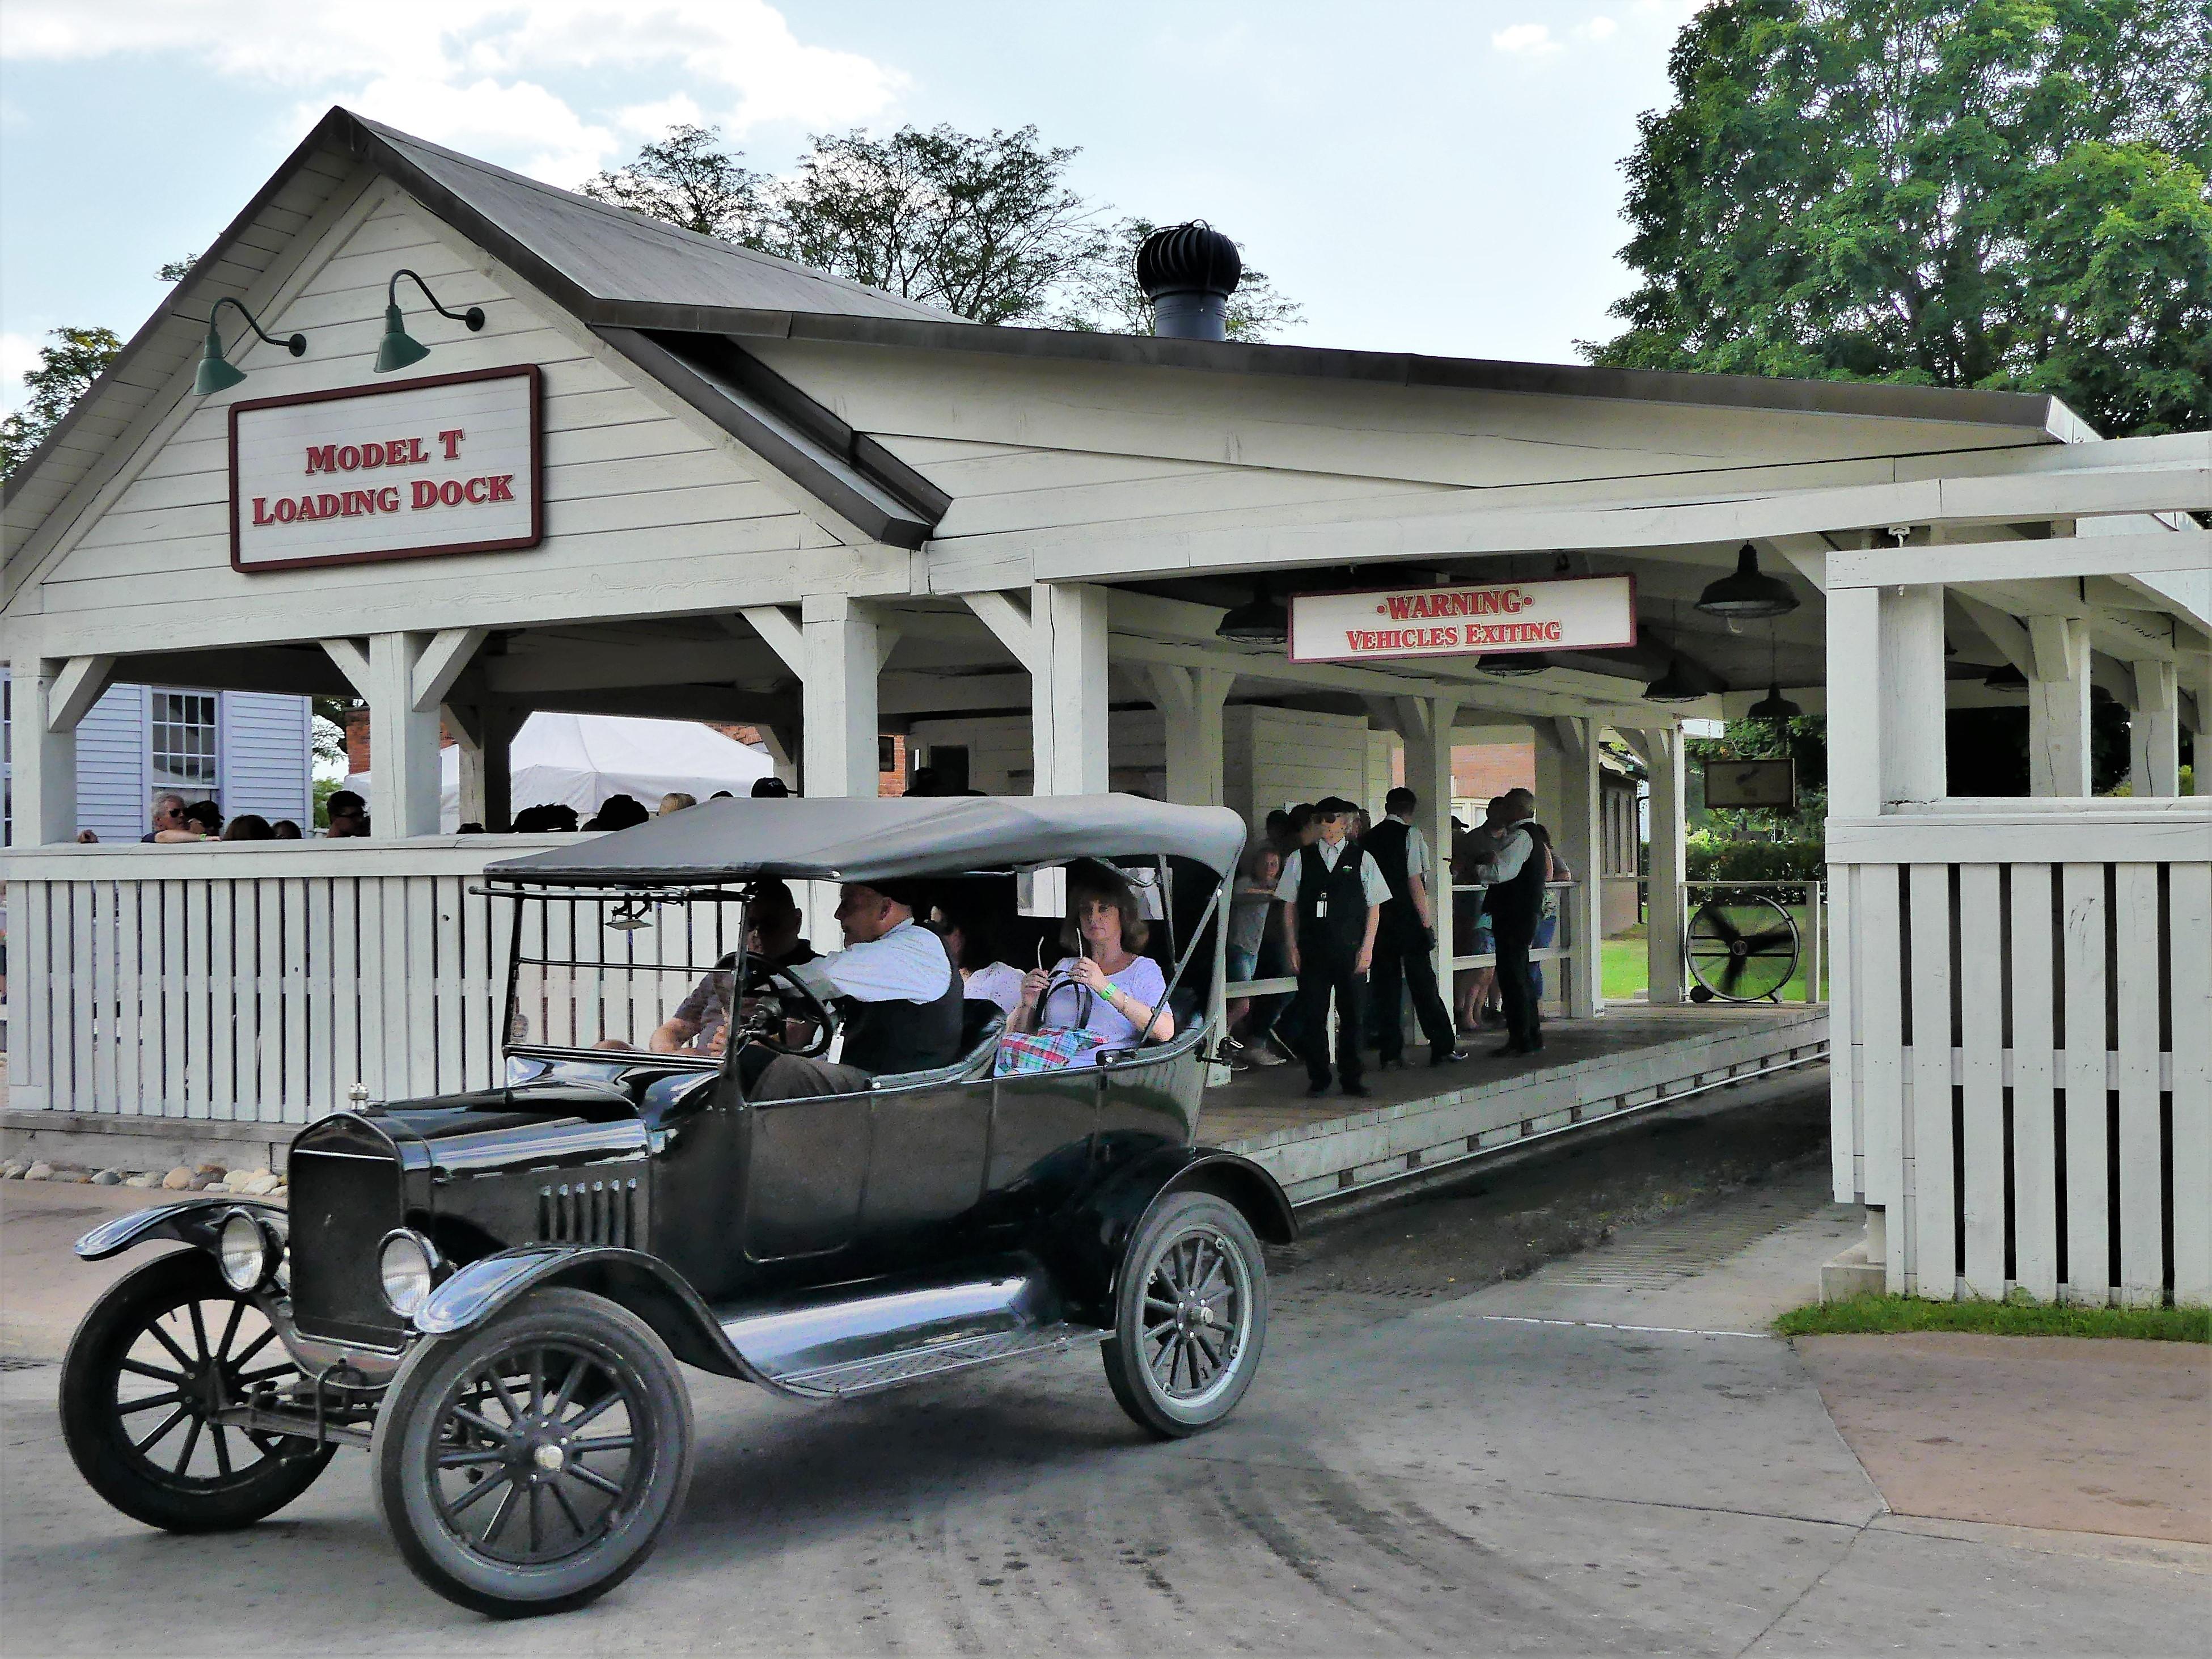 Model T ride